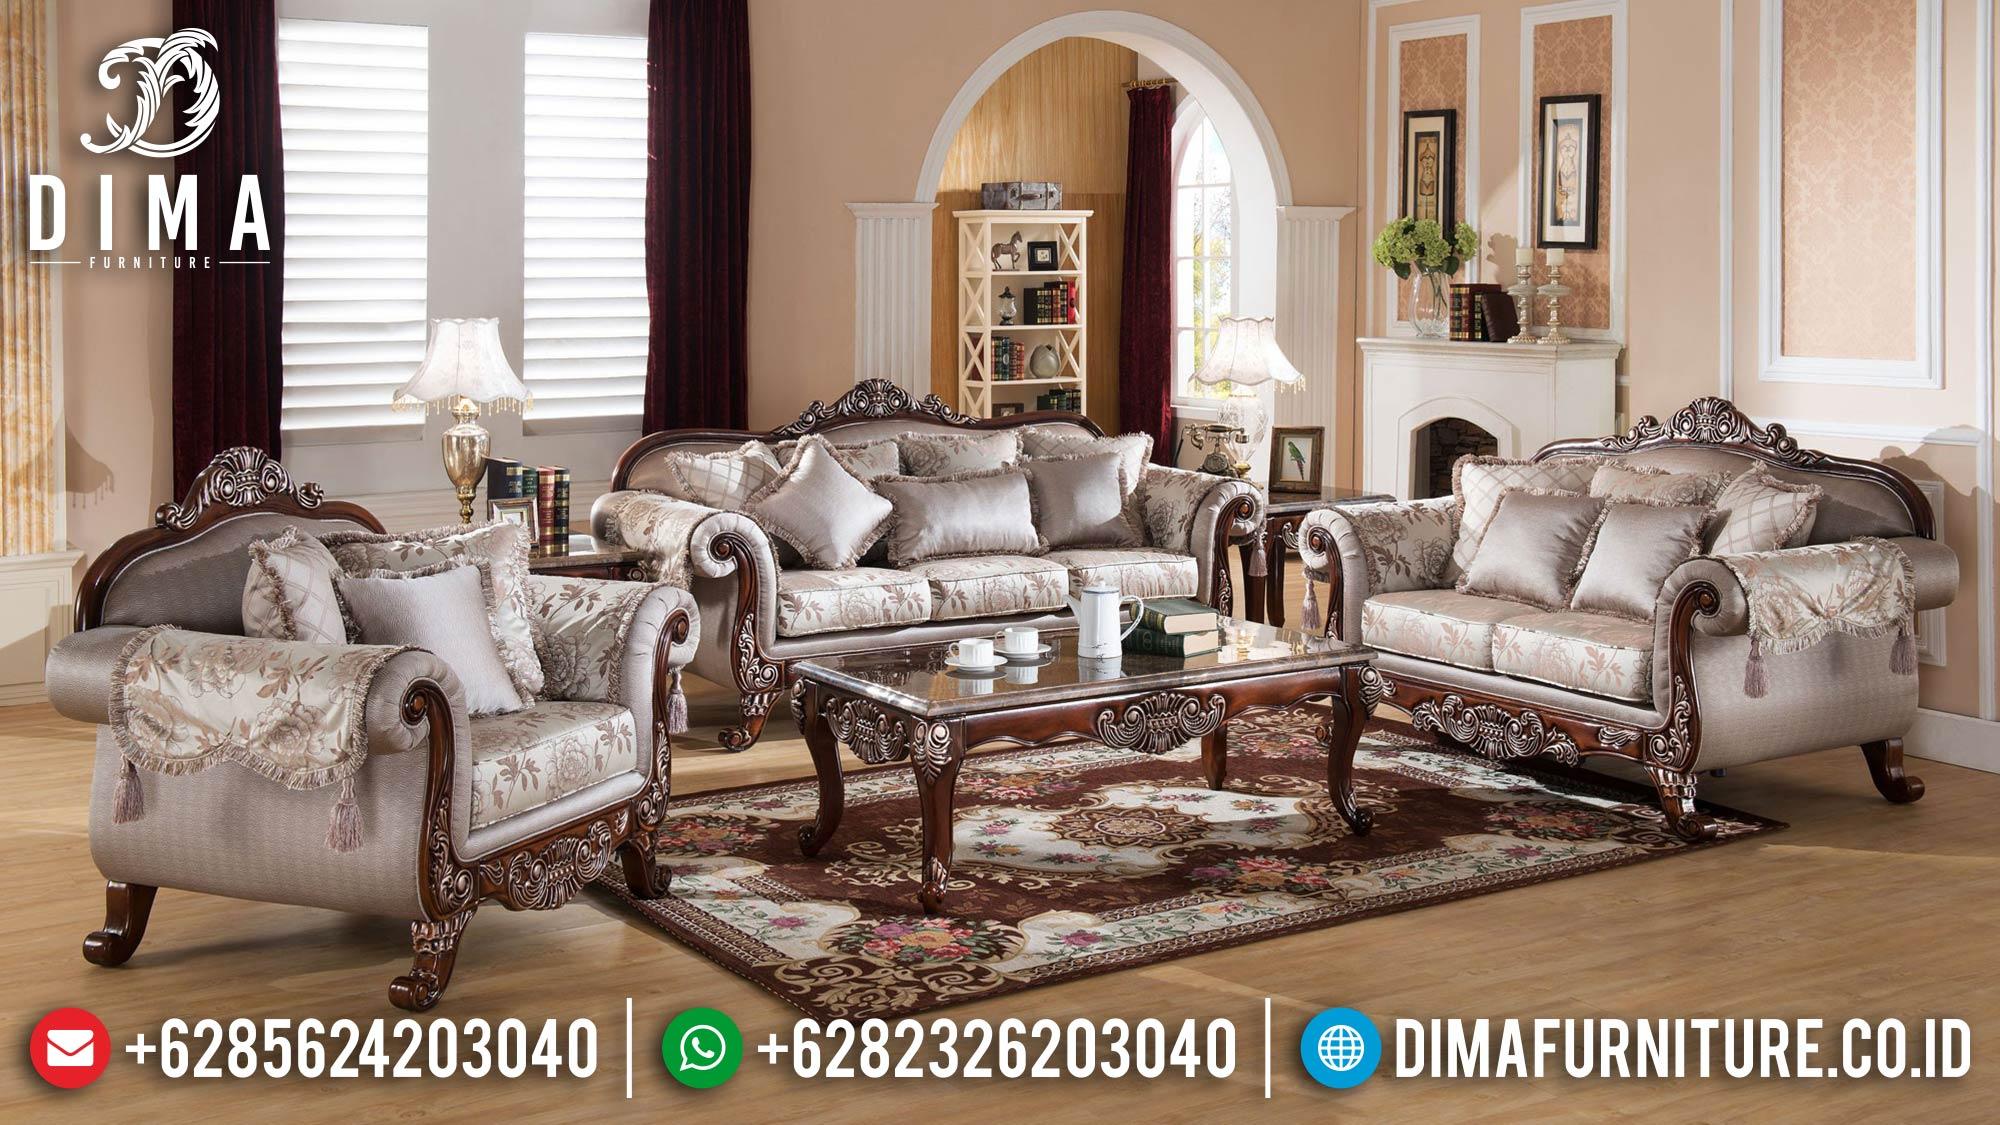 Sofa Tamu Mewah Kayu Jati Natural Luxury Classic Furniture Jepara ST-1291